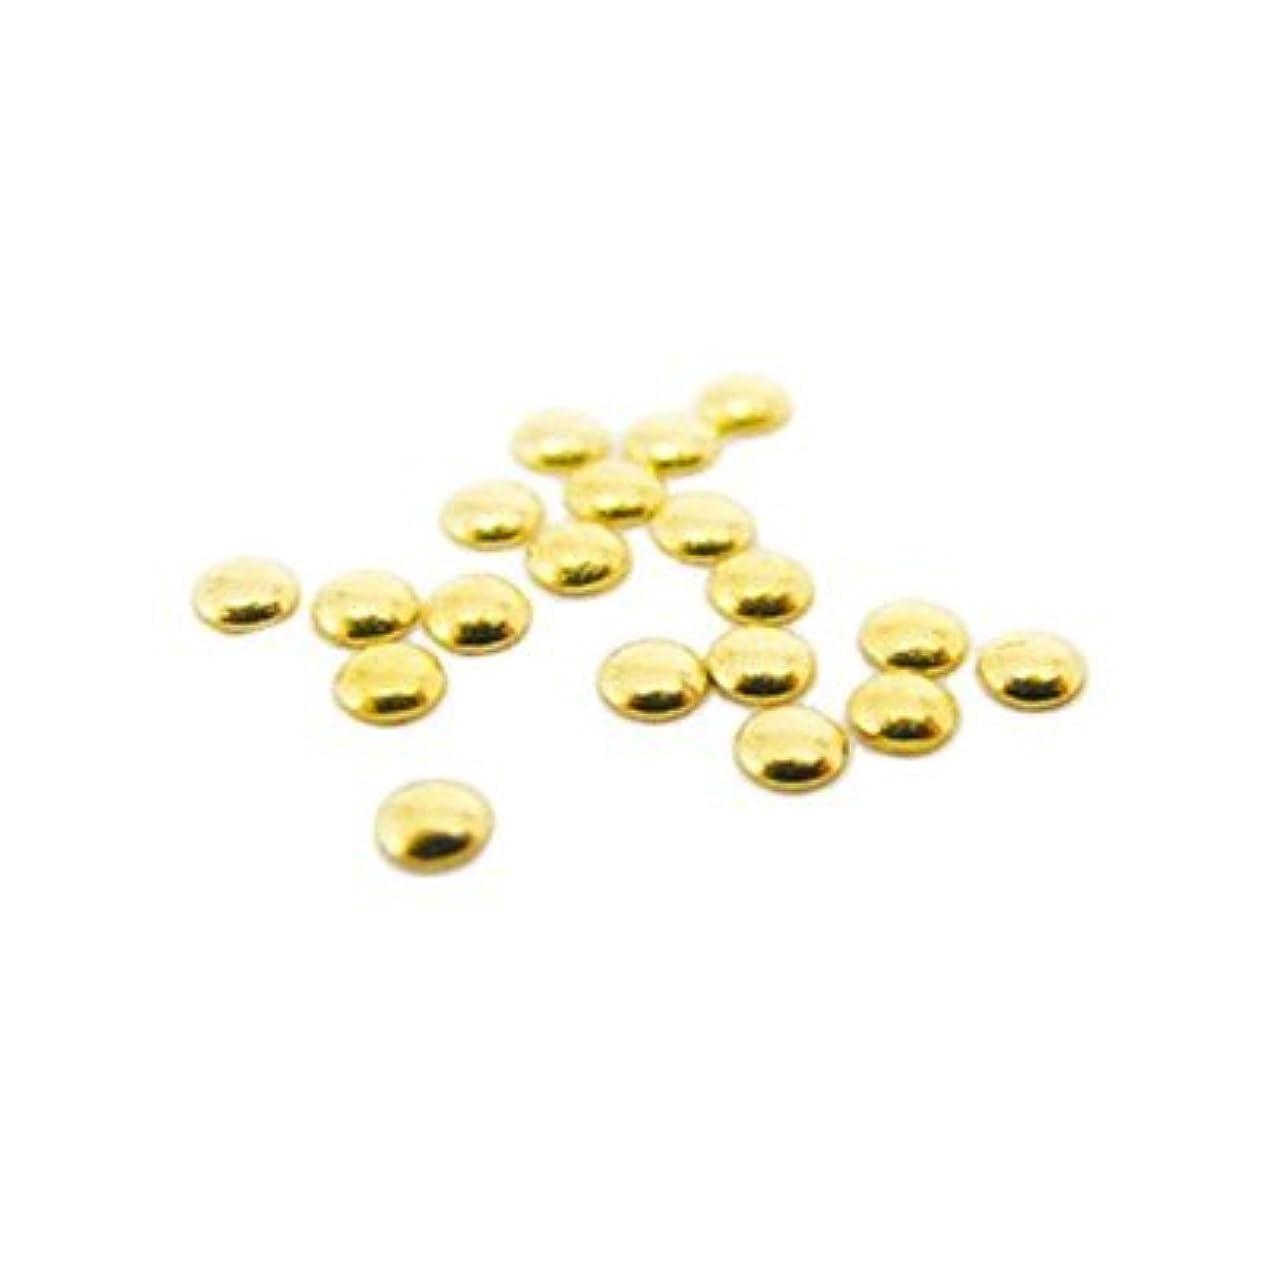 コピー前アリーナピアドラ スタッズ 1.5mm 50P ゴールド